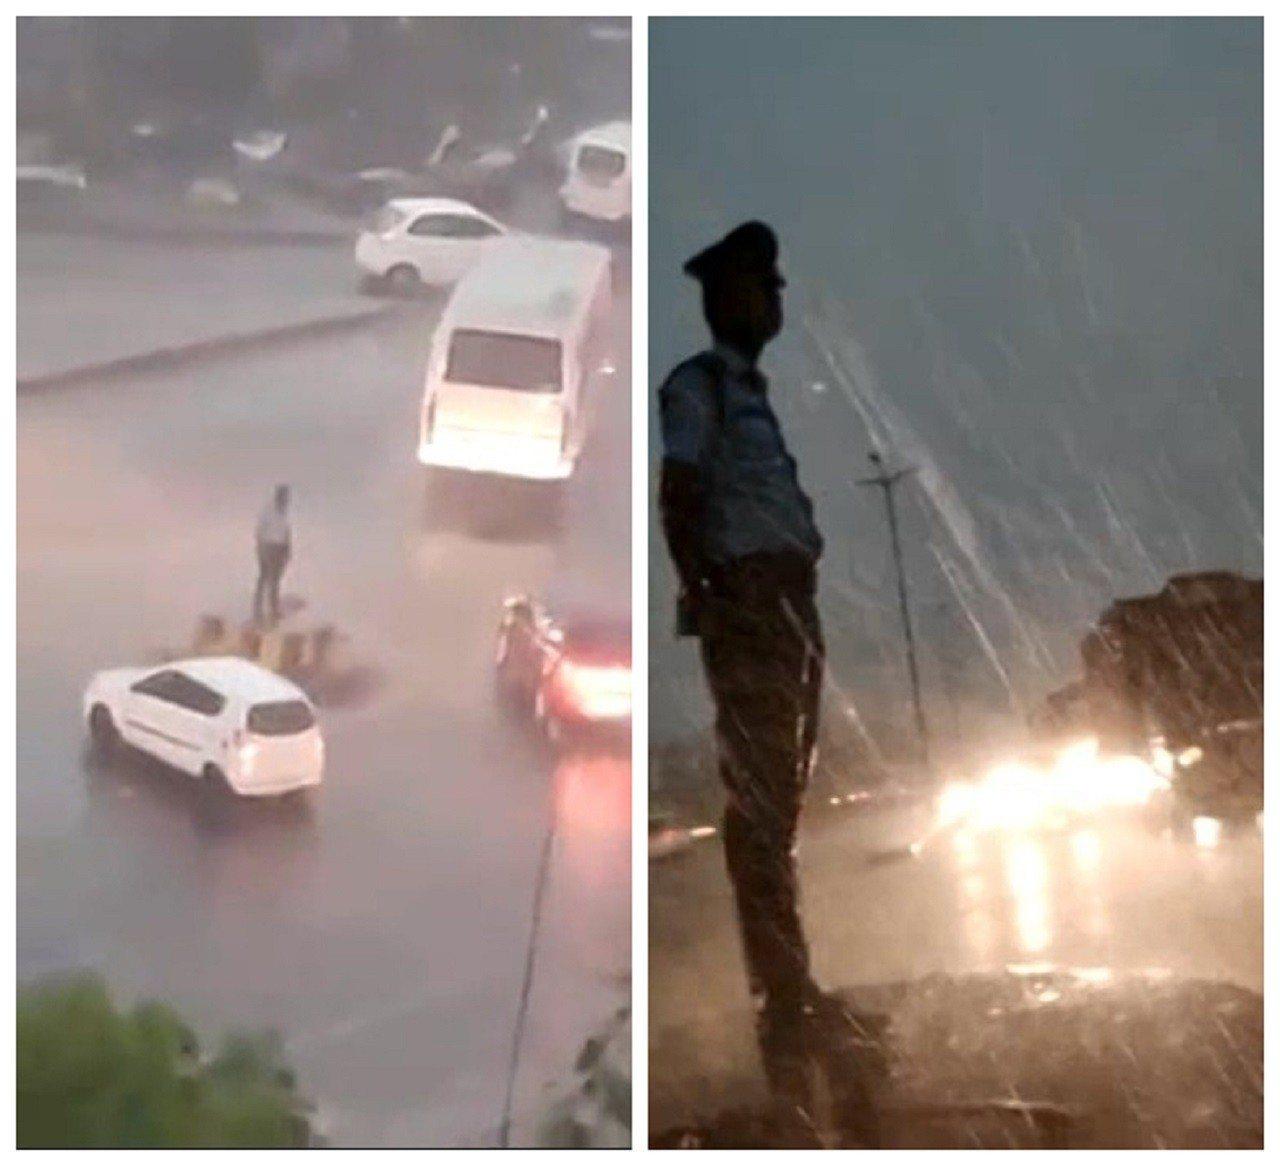 印度東部一名交警上月底被拍到未穿著雨具,在滂沱大雨中直挺挺地站著指揮交通,盡忠職...